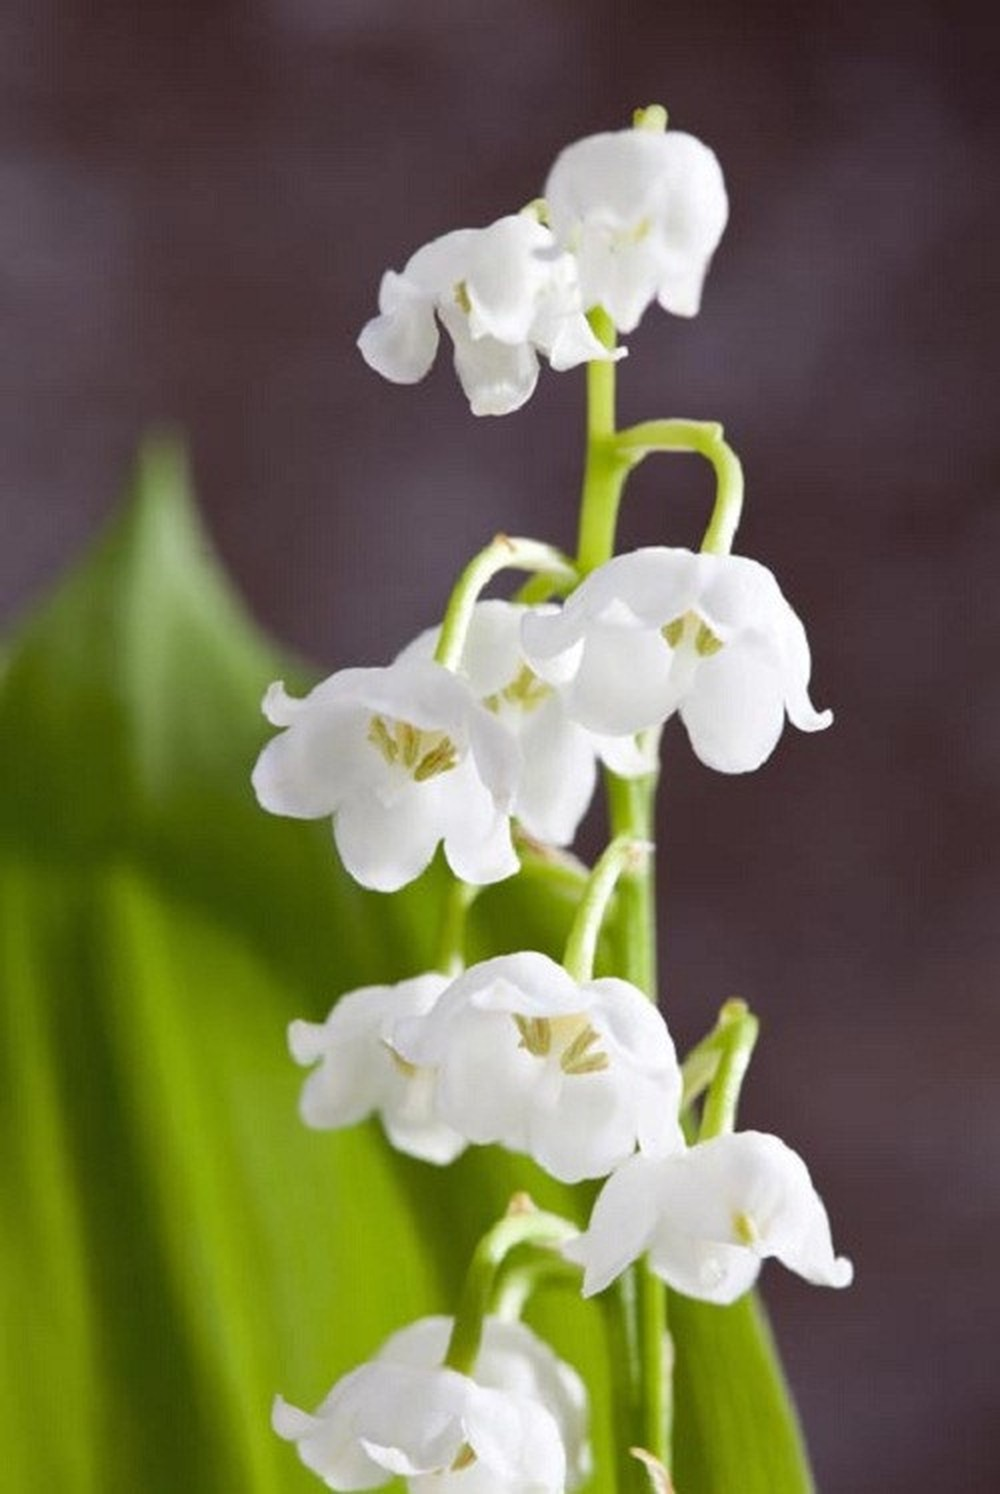 Hoa lan chuông cực đẹp màu trắng